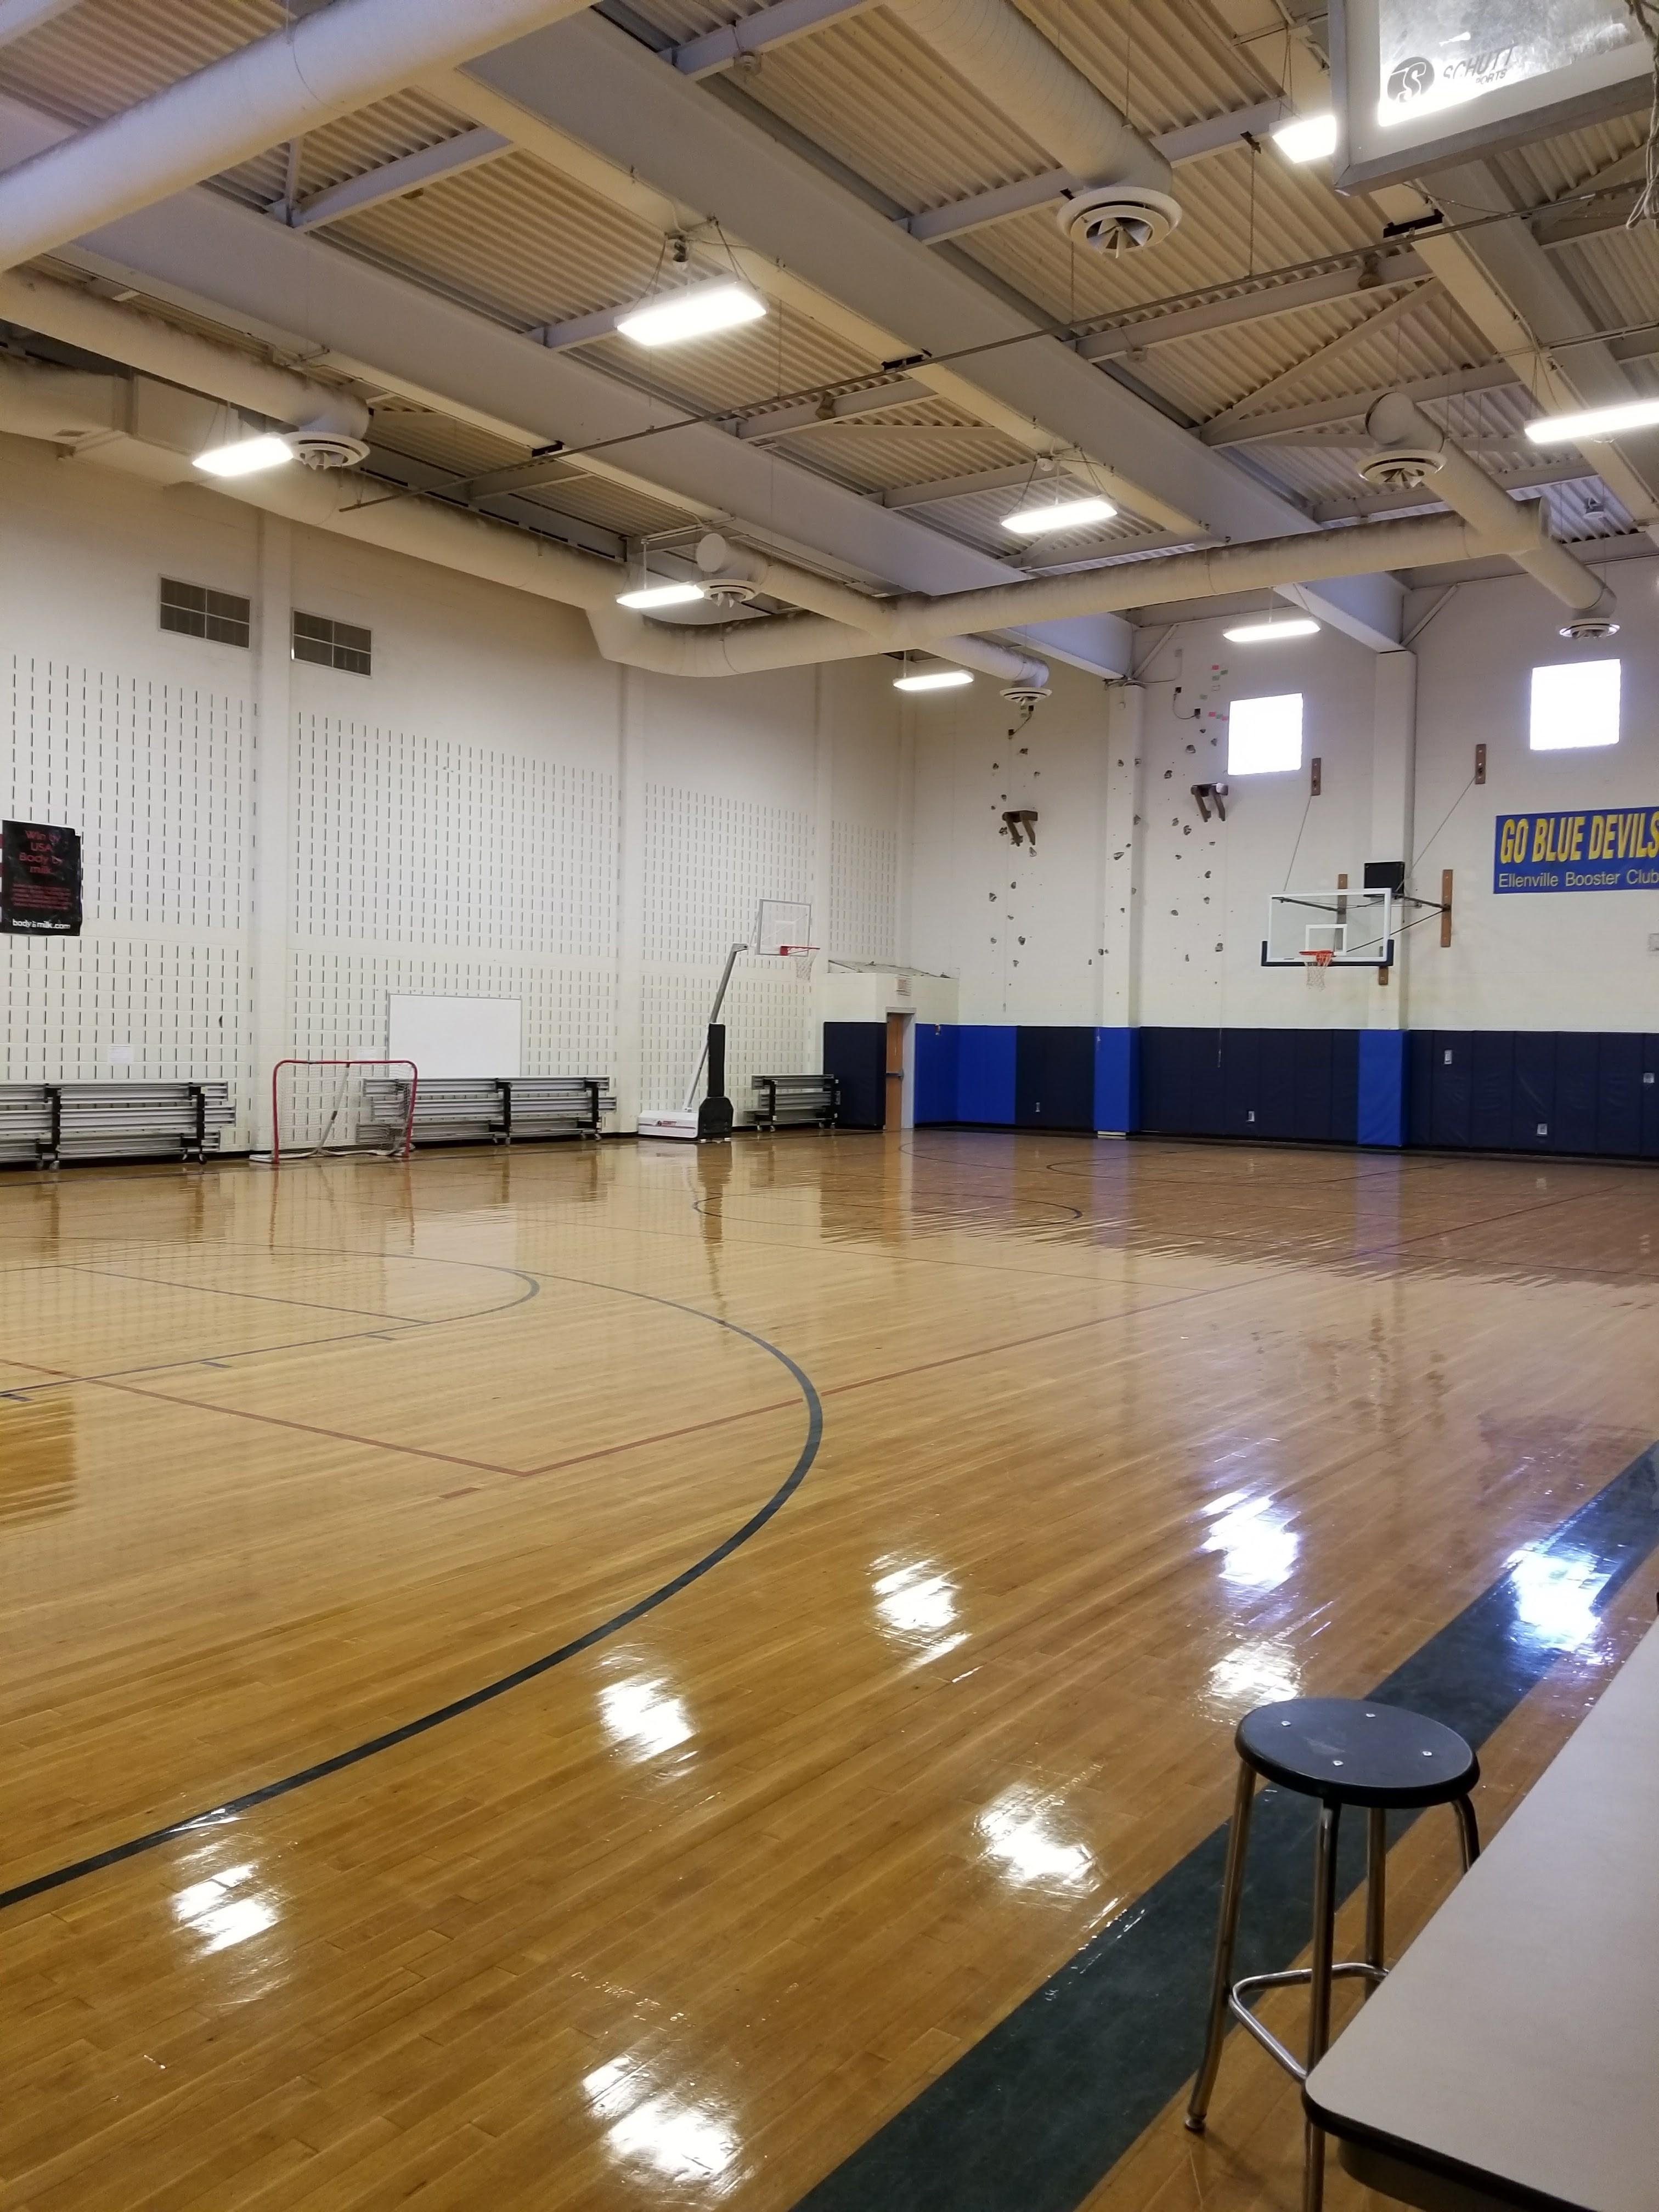 Gymnasium Retrofit